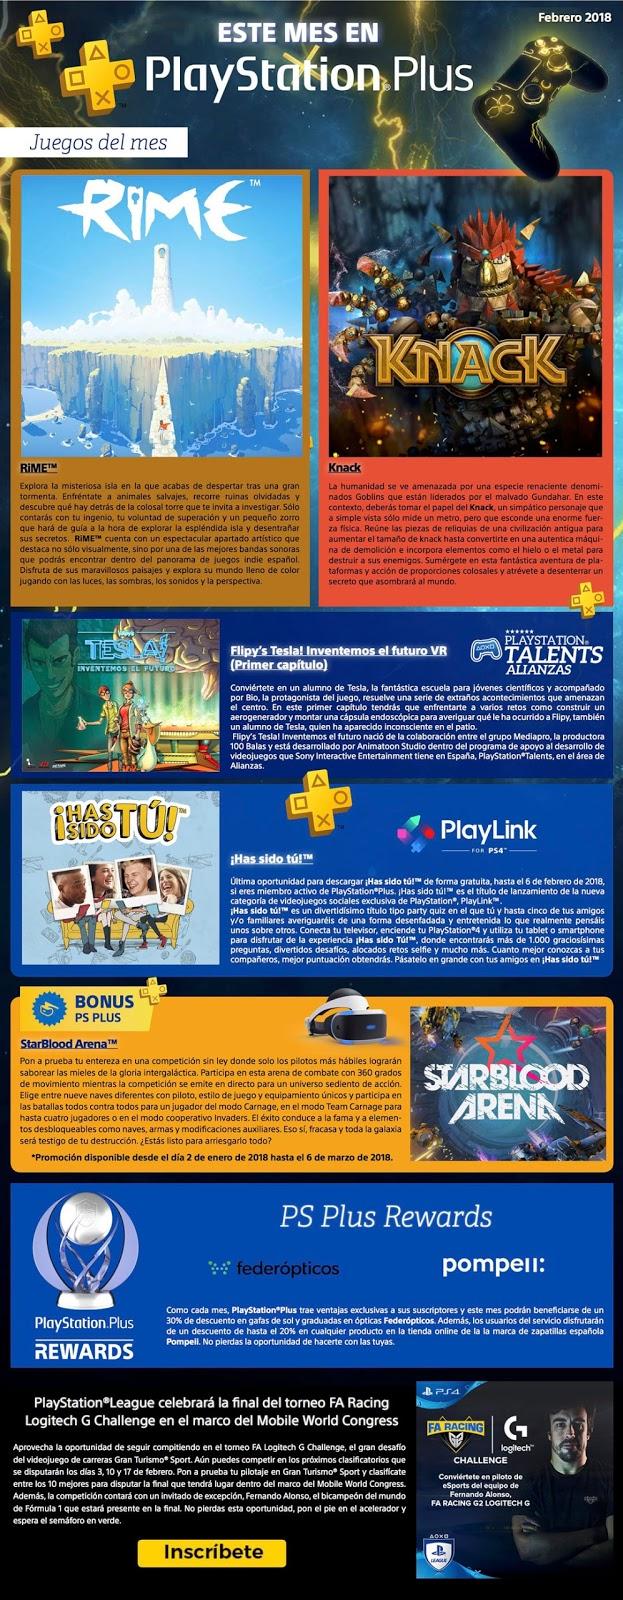 Desvelados los juegos PlayStation Plus de febrero 2018